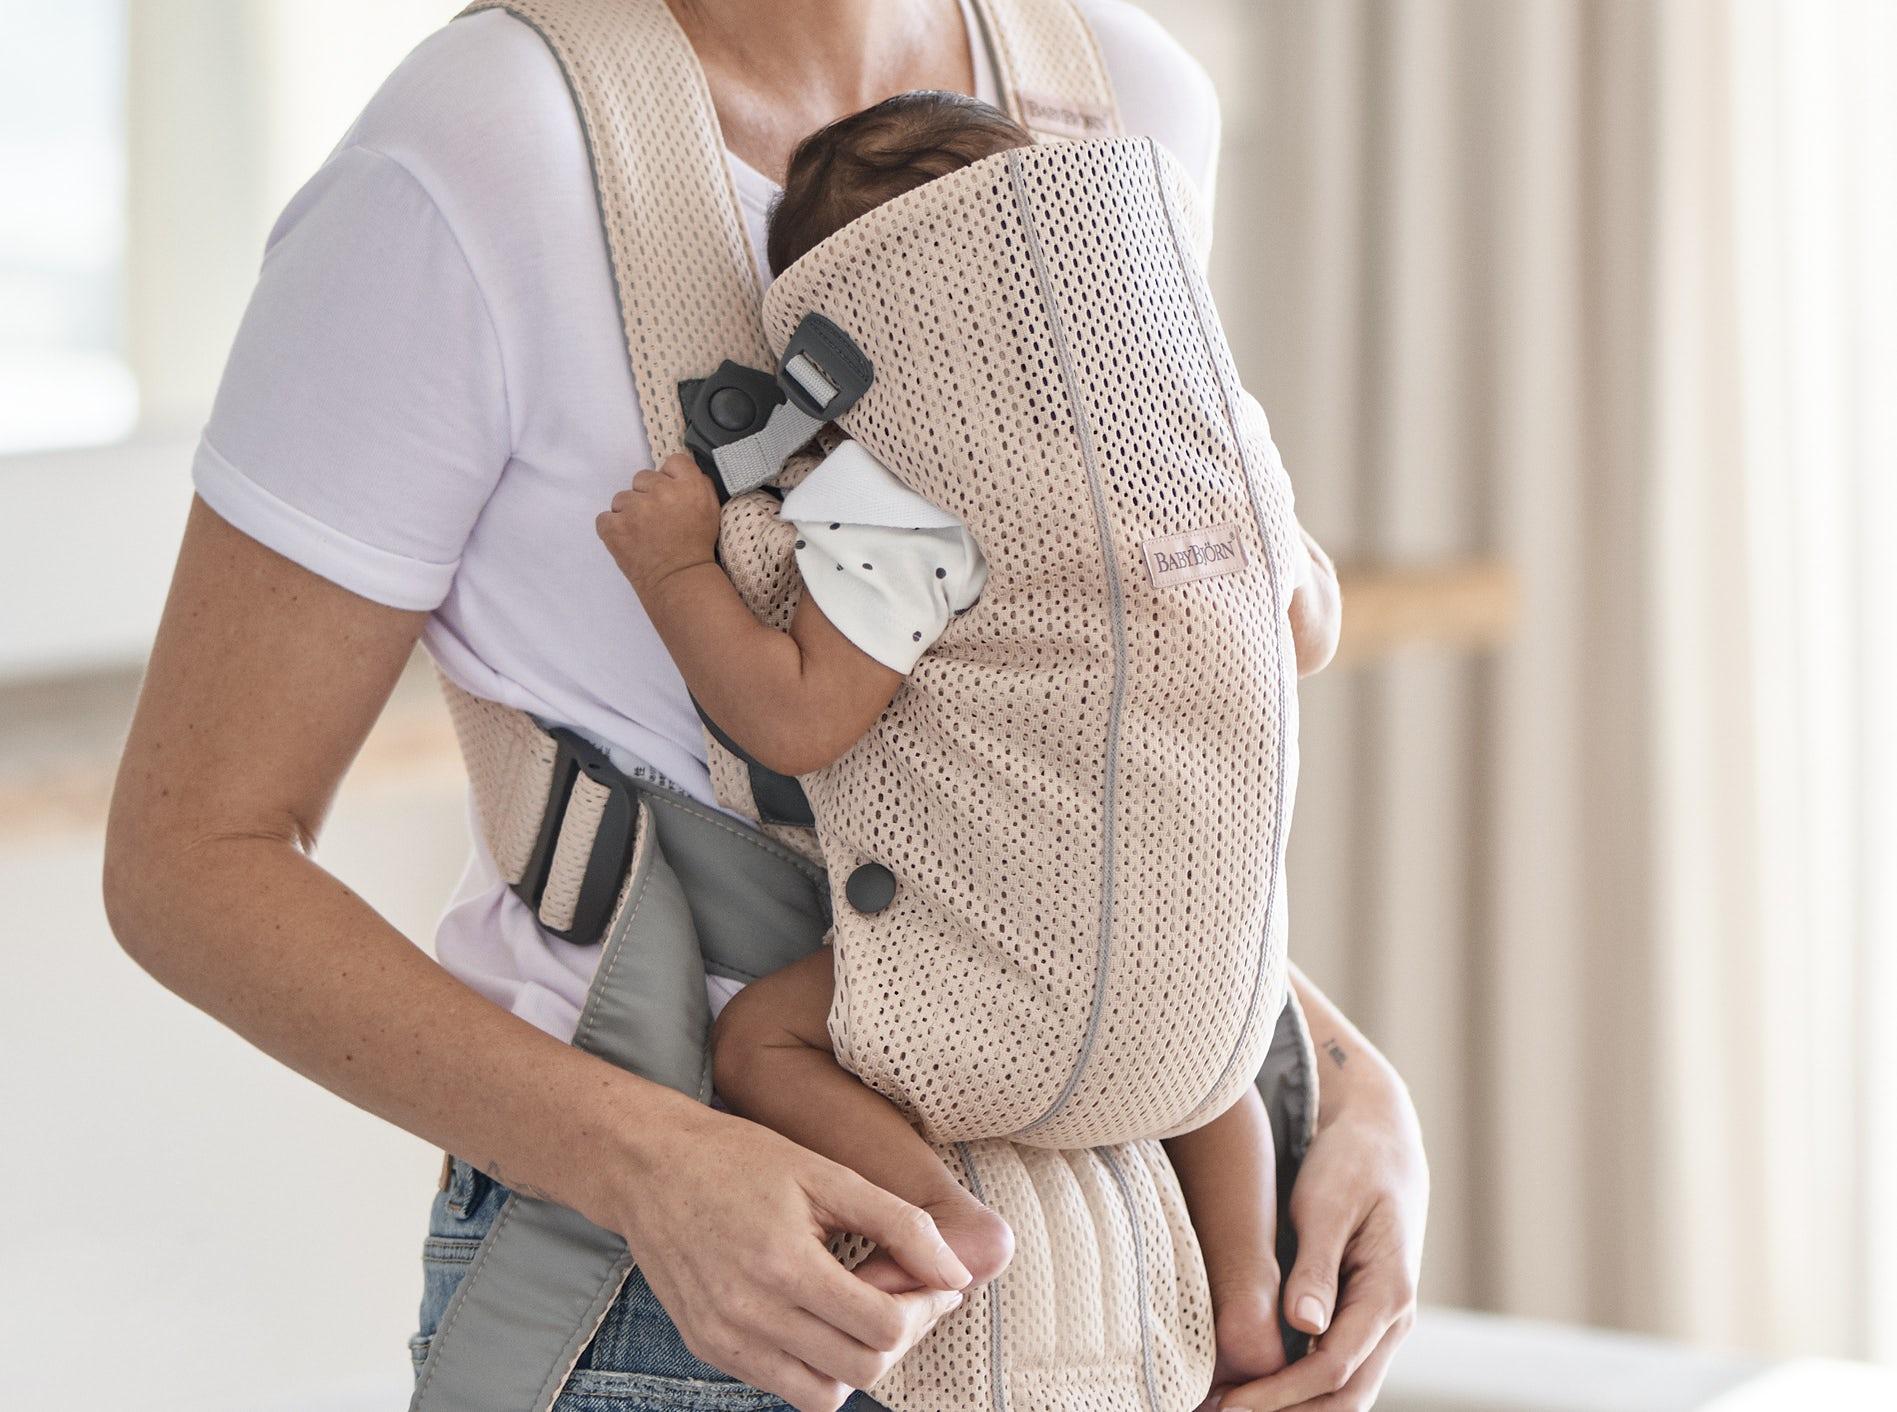 Porte-bébé Mini Rose nacré 3D Mesh 021001, Le porte-bébé idéal pour les nouveau-nés - BABYBJÖRN